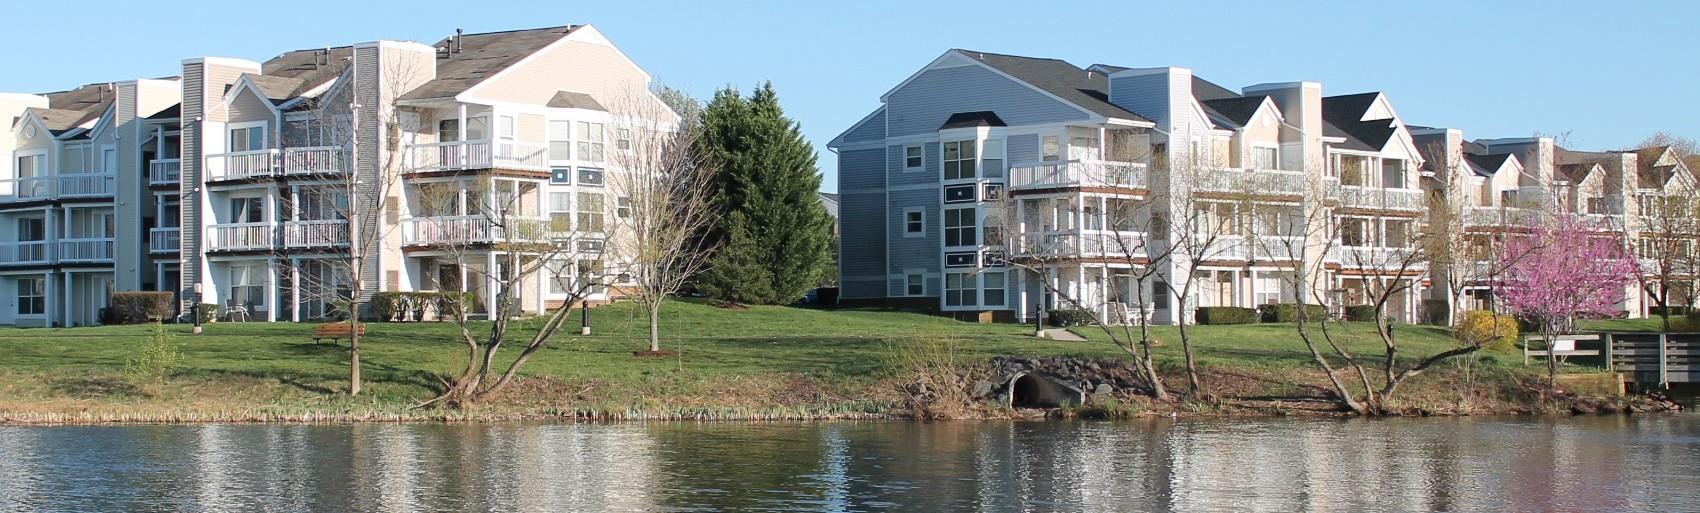 Home Lakeshore Condominium